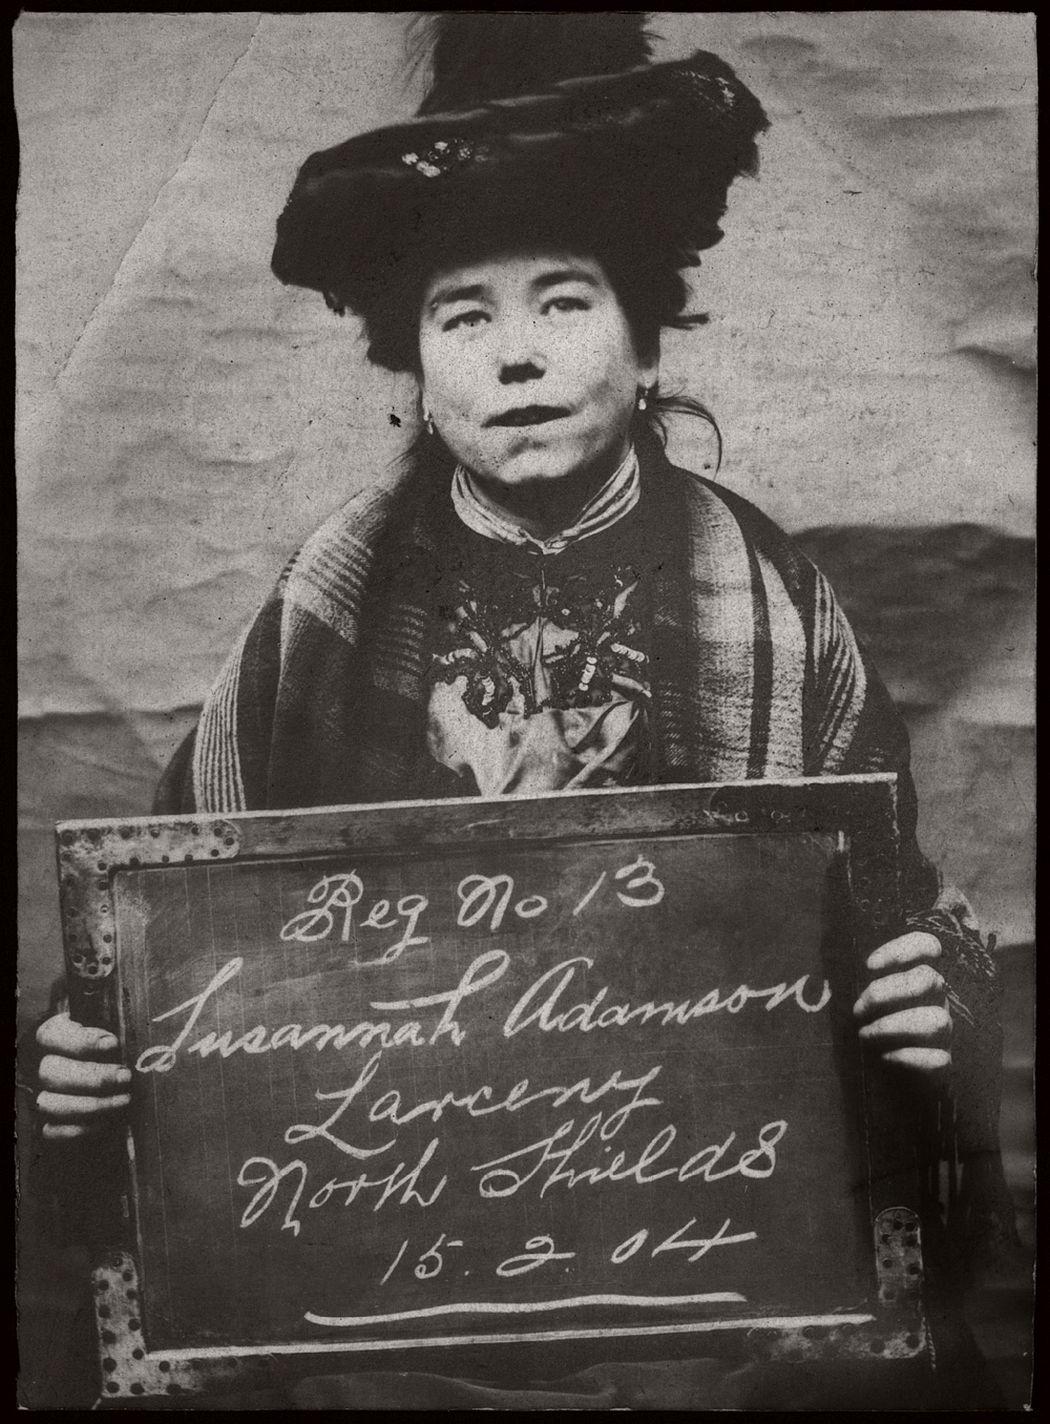 vintage-mug-shot-of-women-criminals-from-north-shields-1903-1905-12